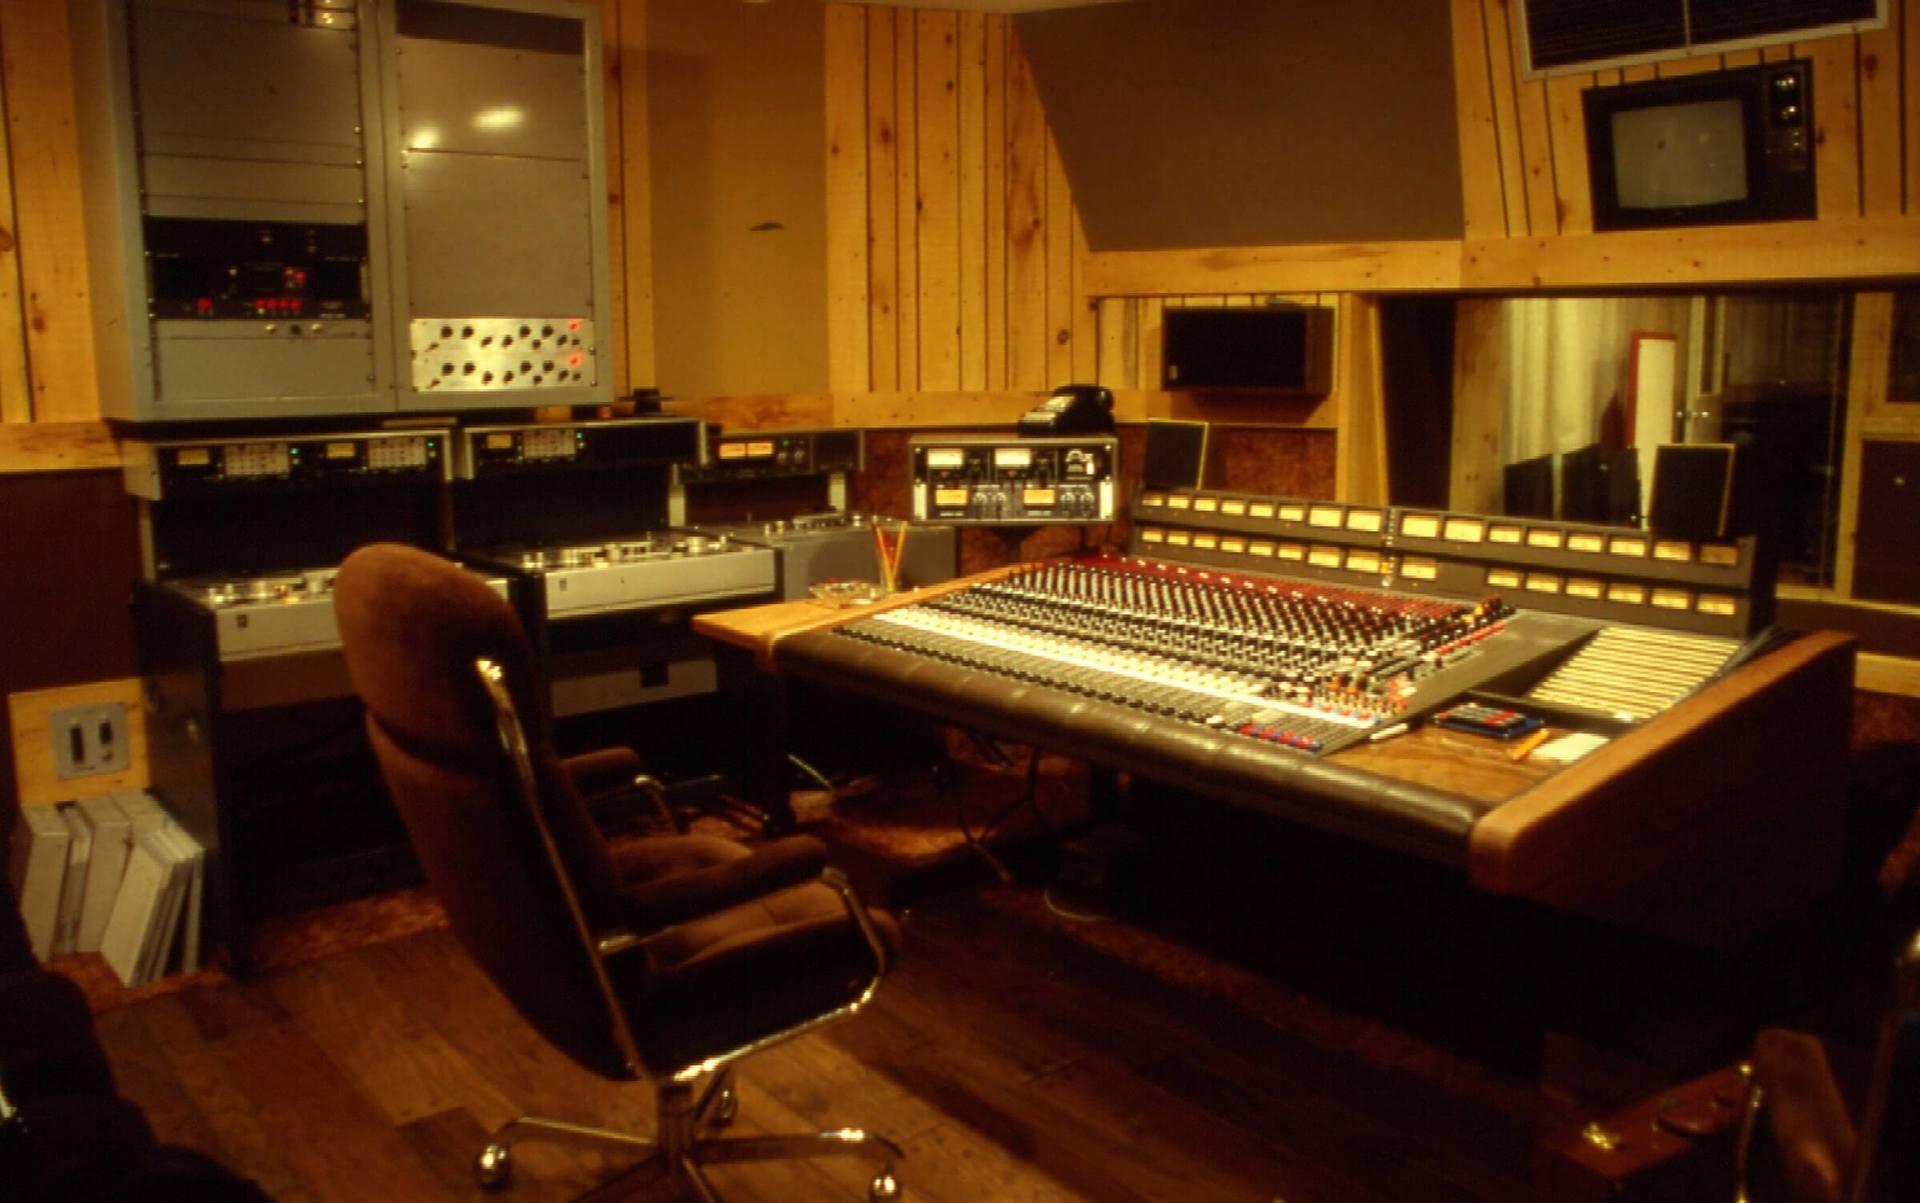 «Мастер своего дела»: Искусство мастеринга аудиозаписей - 2